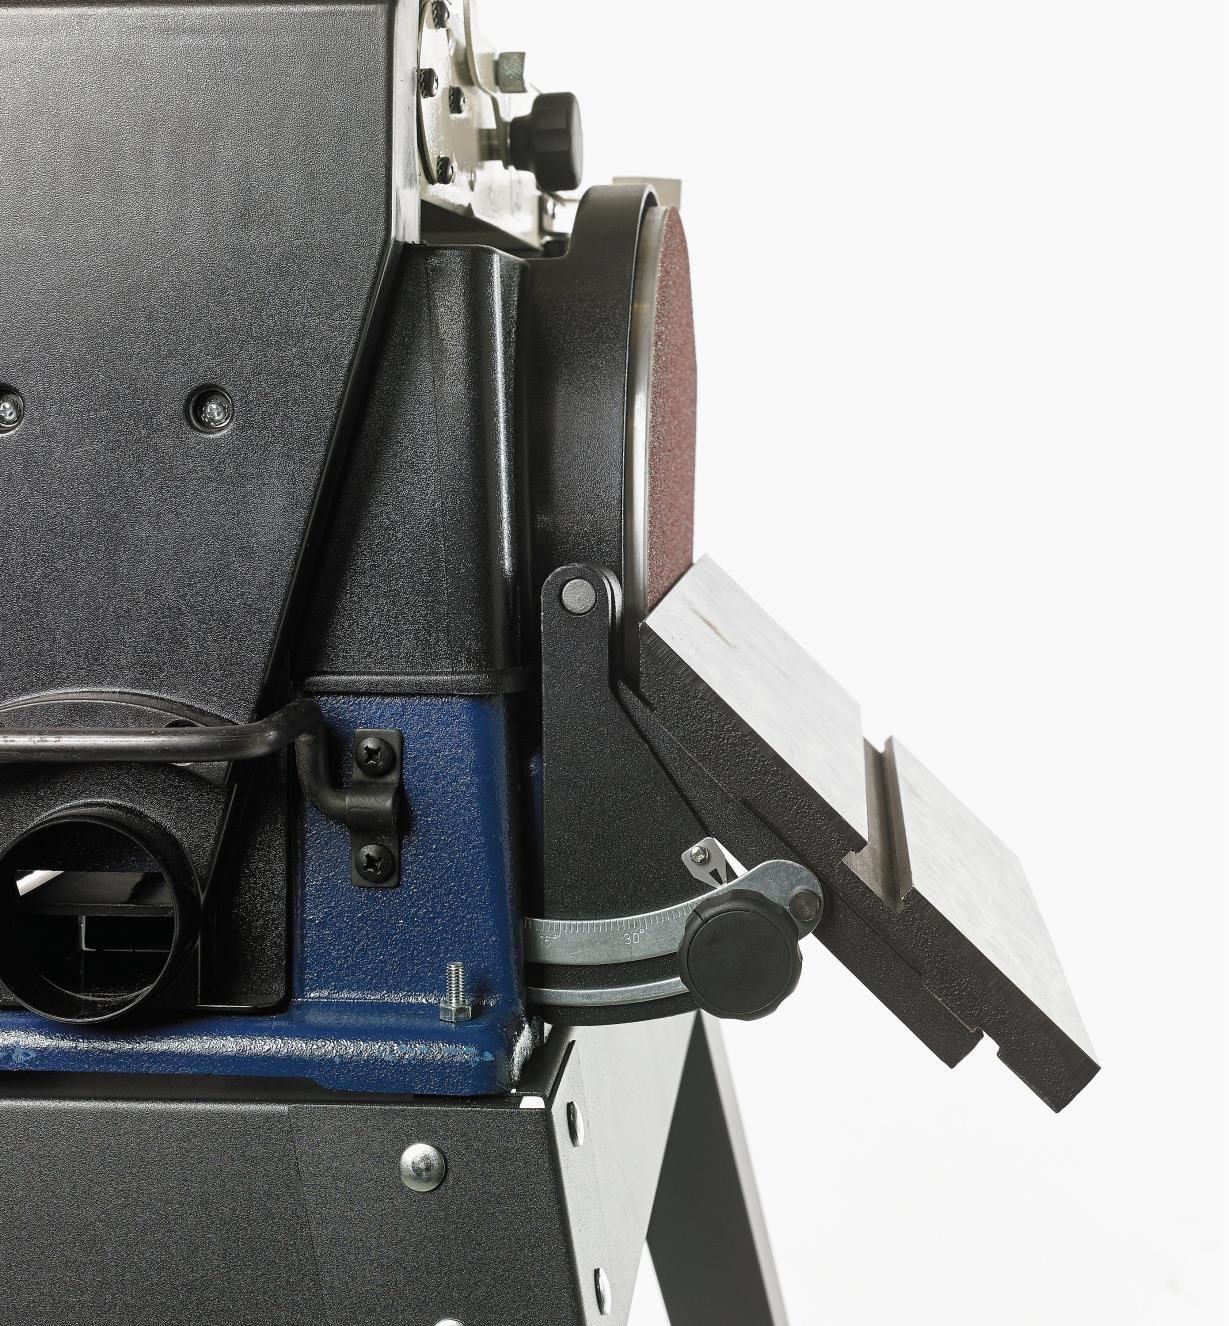 03J7430 - Ponceuse combinée à courroie et à disque Rikon